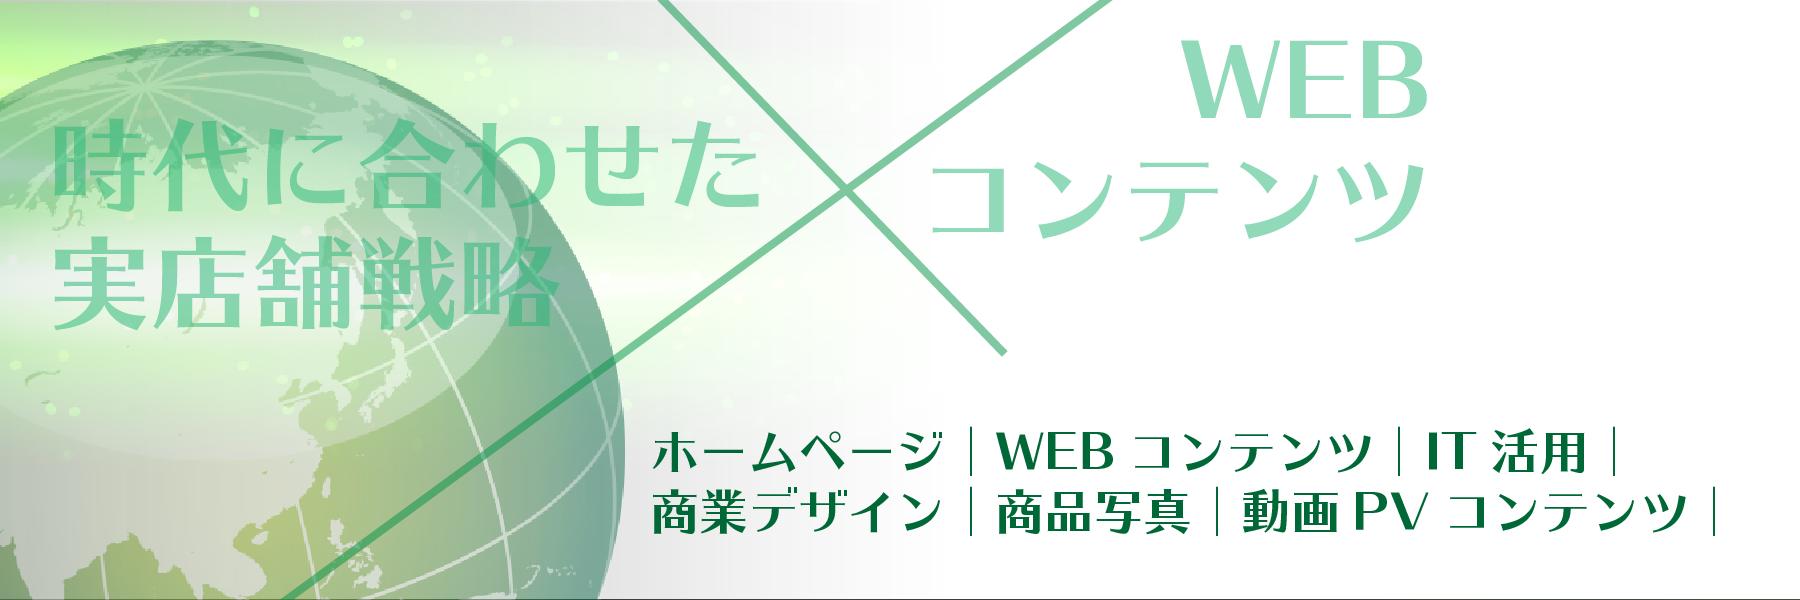 ホームページ|WEBコンテンツ|IT活用|商業デザイン|商品写真|動画PVコンテンツ|